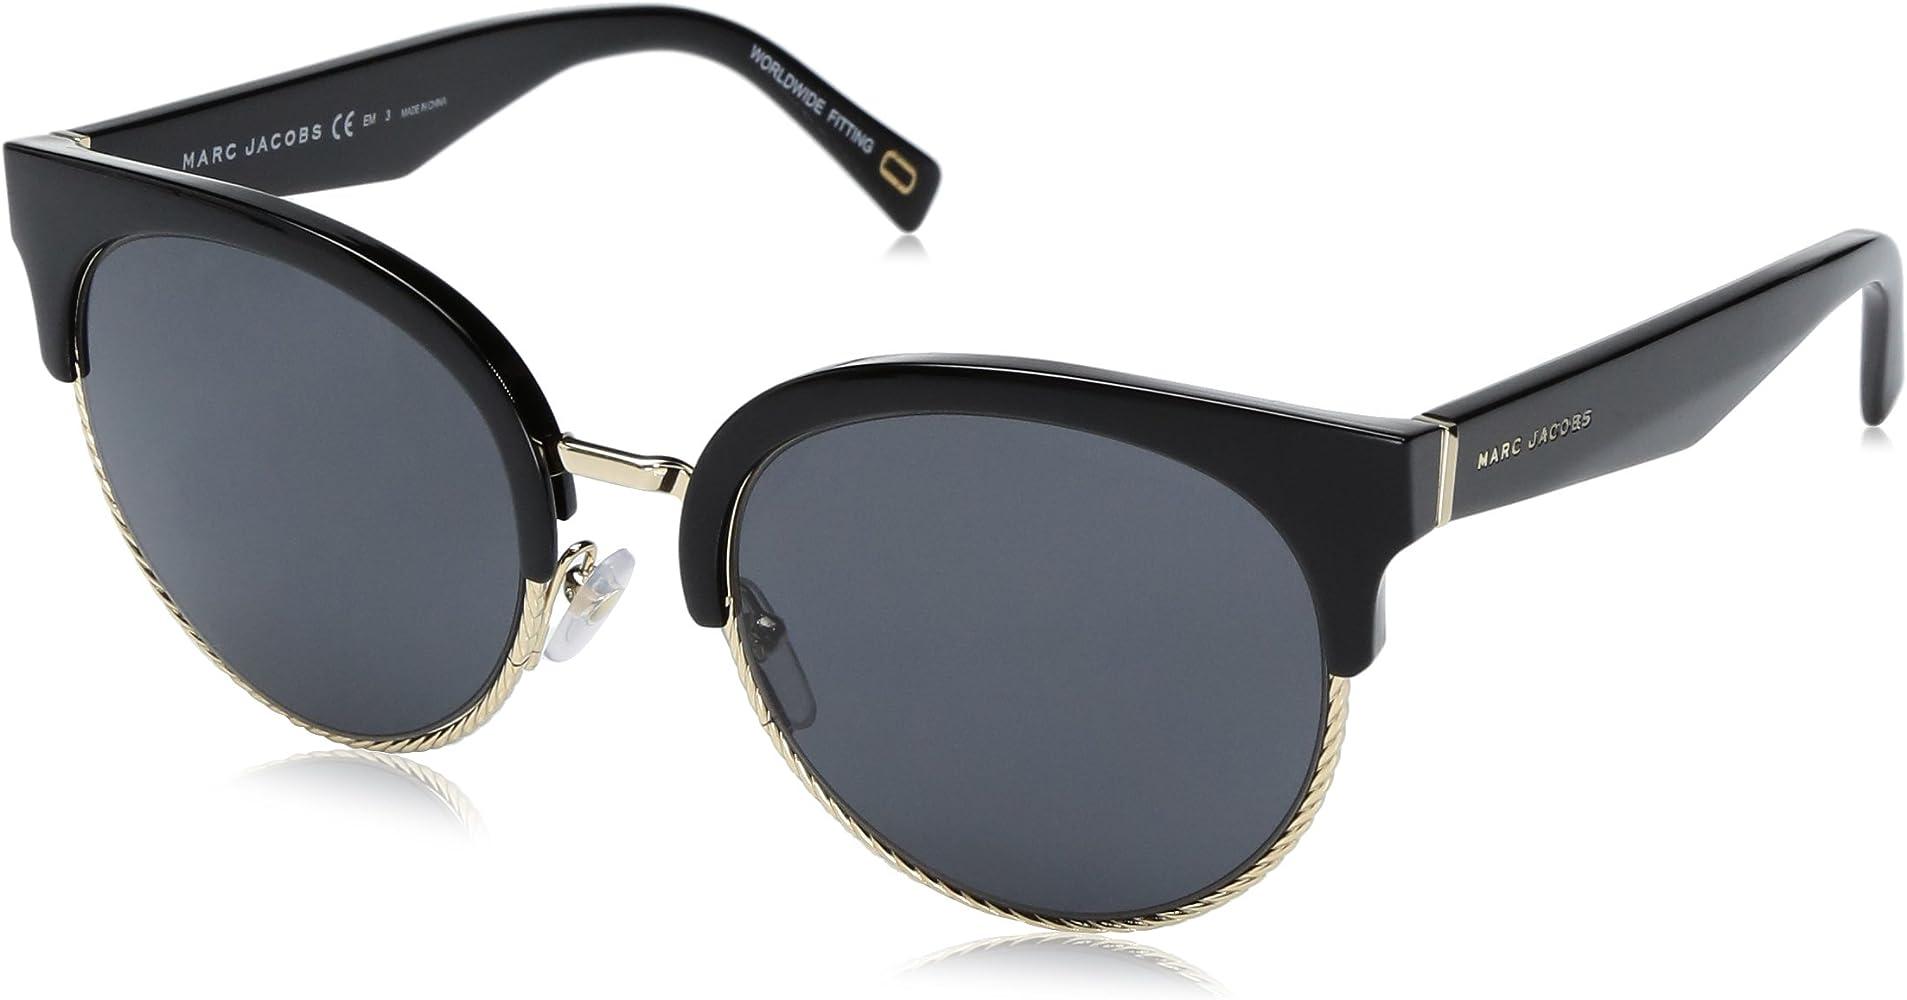 Marc Jacobs Sonnenbrille Marc170/S-807-54 Damen gafas de sol ...